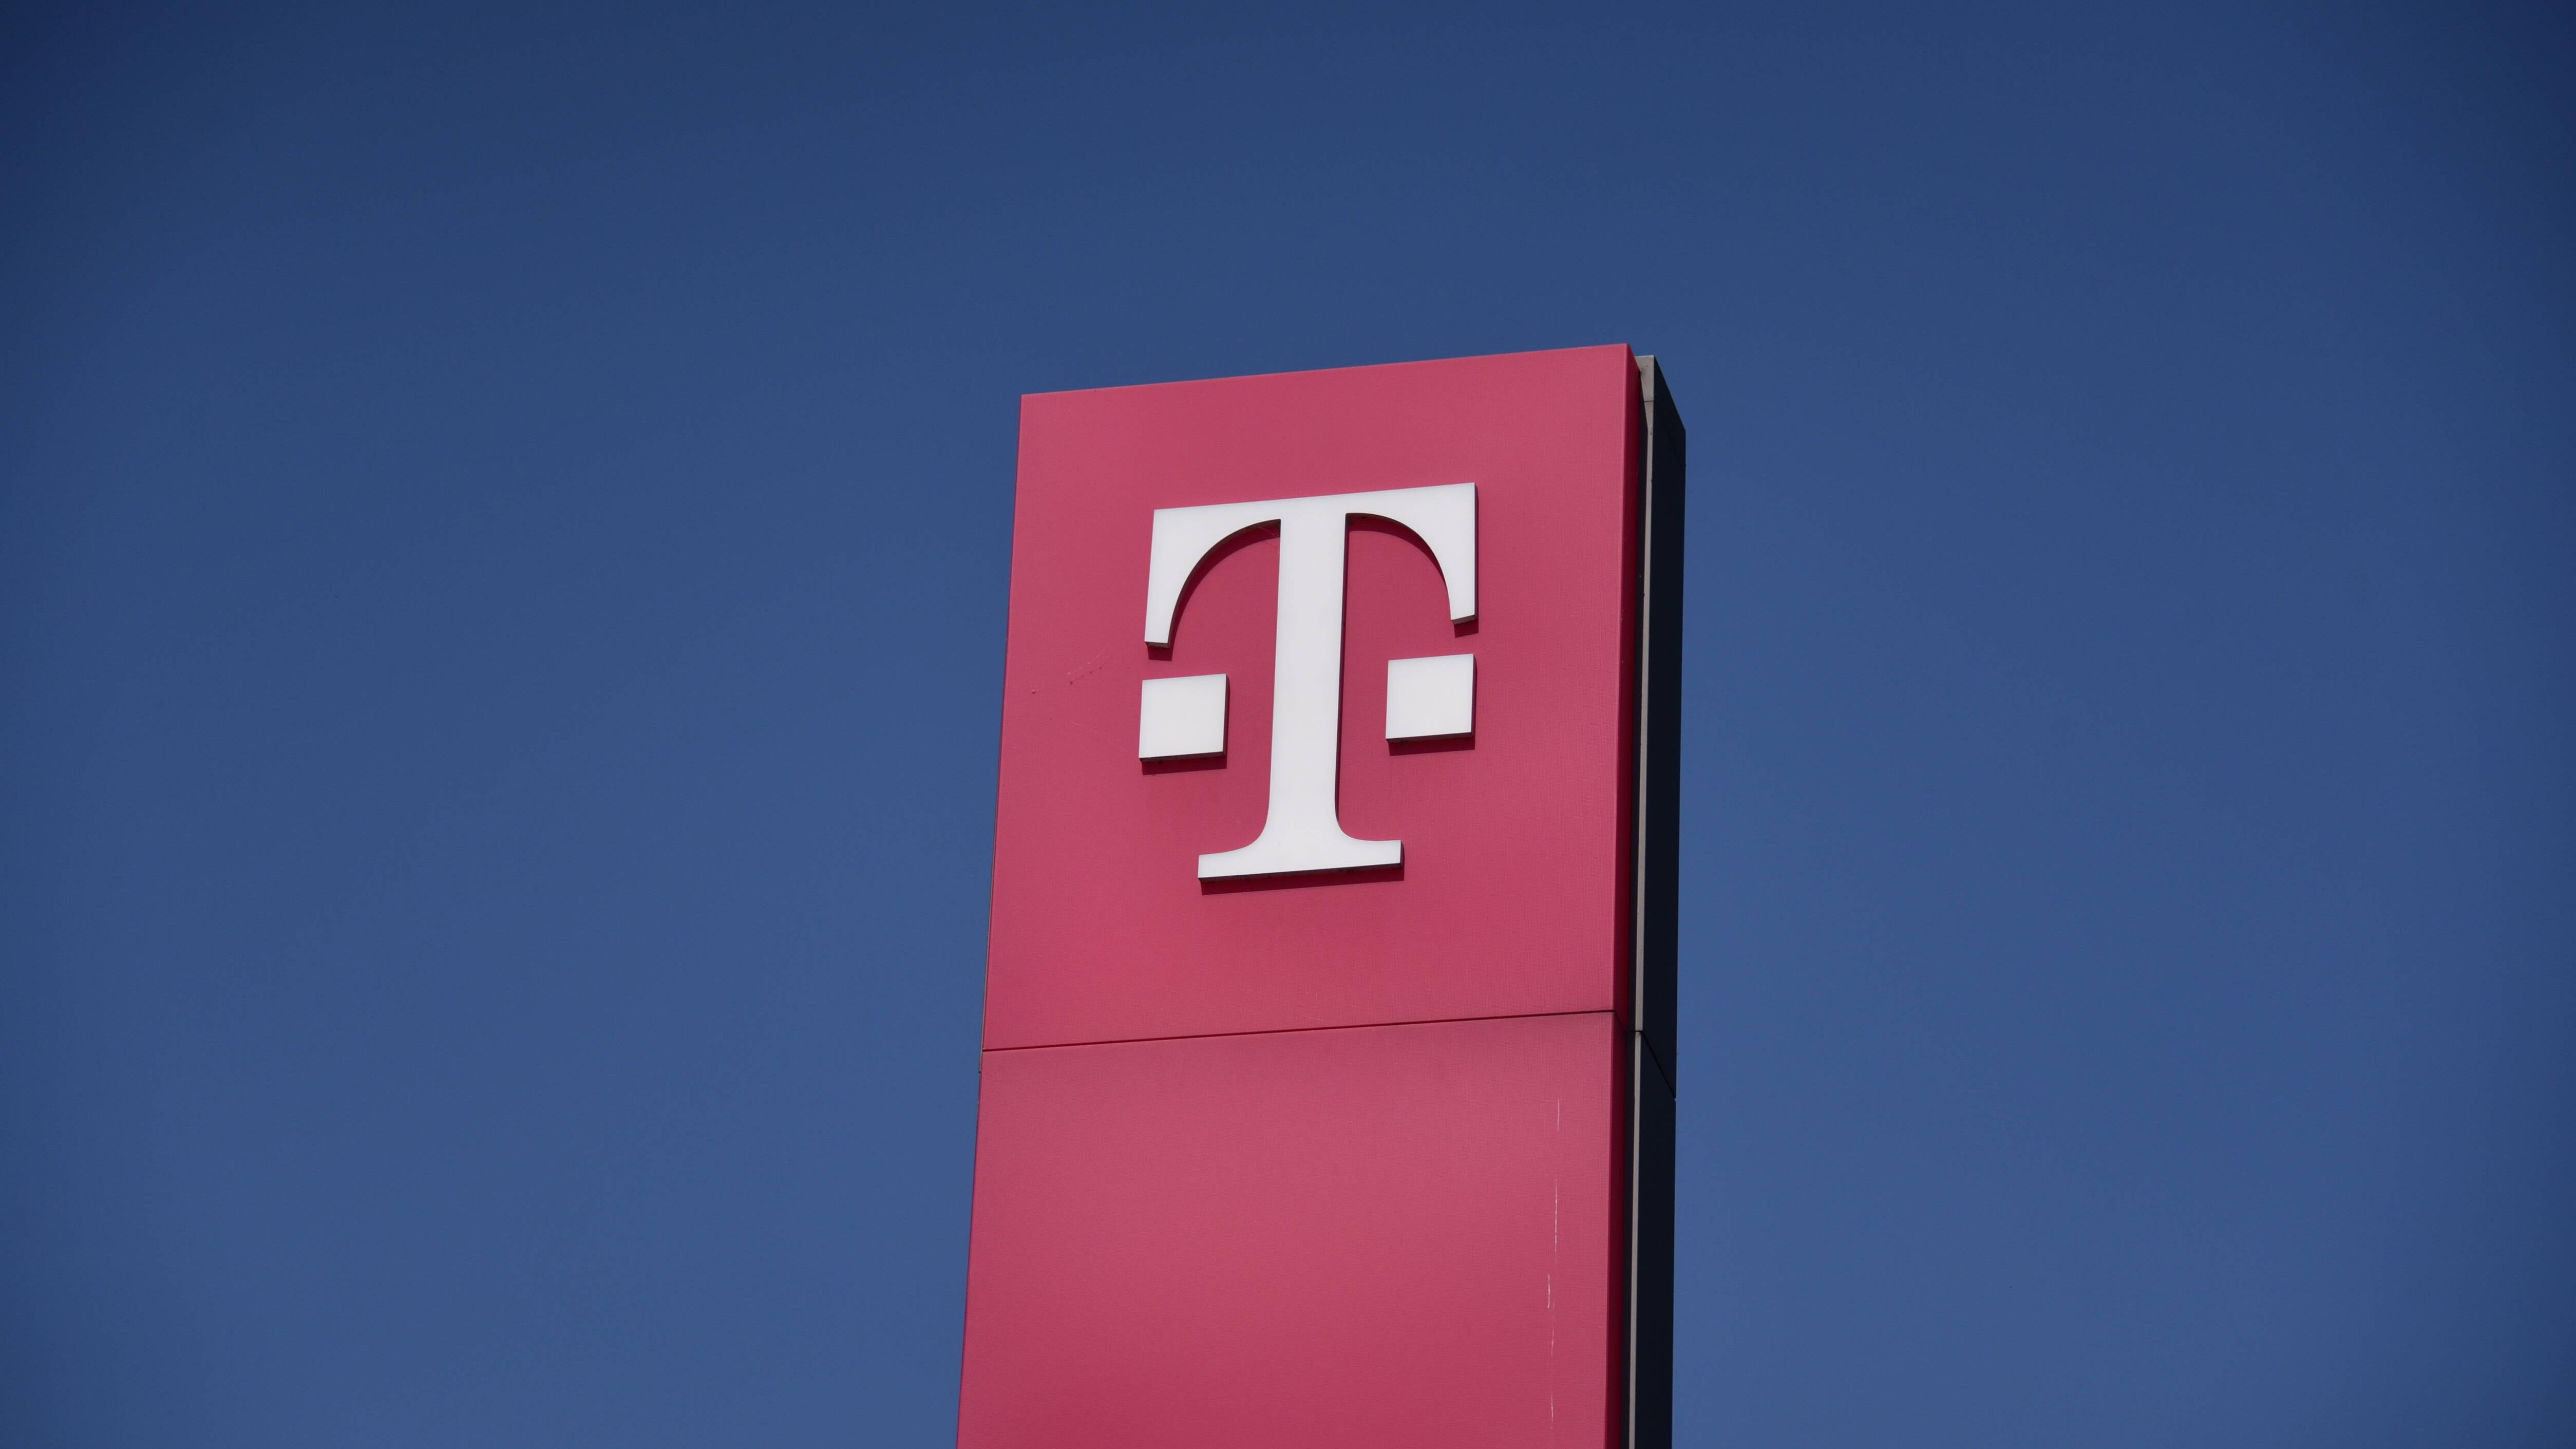 Störungsstelle der Telekom: Das ist die Telefonnummer